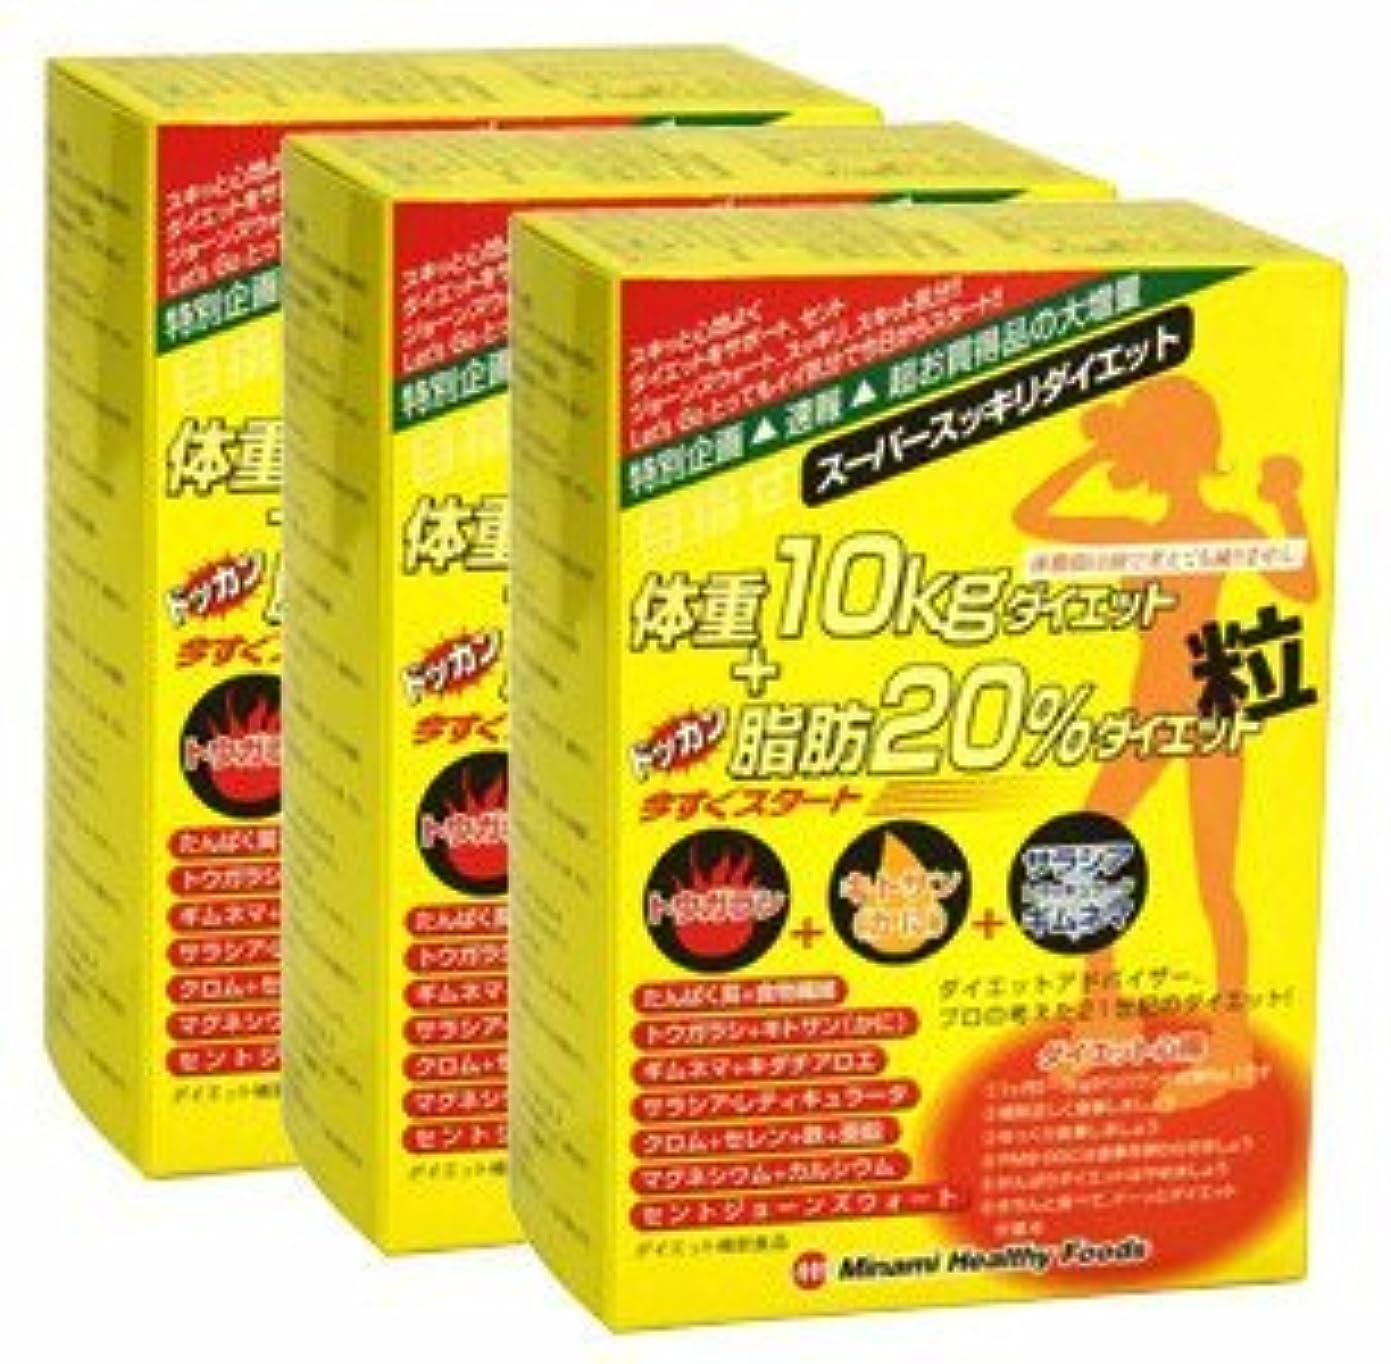 良心シロナガスクジラ行政目指せ体重10kg+ドッカン脂肪20%ダイエット粒【3箱セット】ミナミヘルシーフーズ